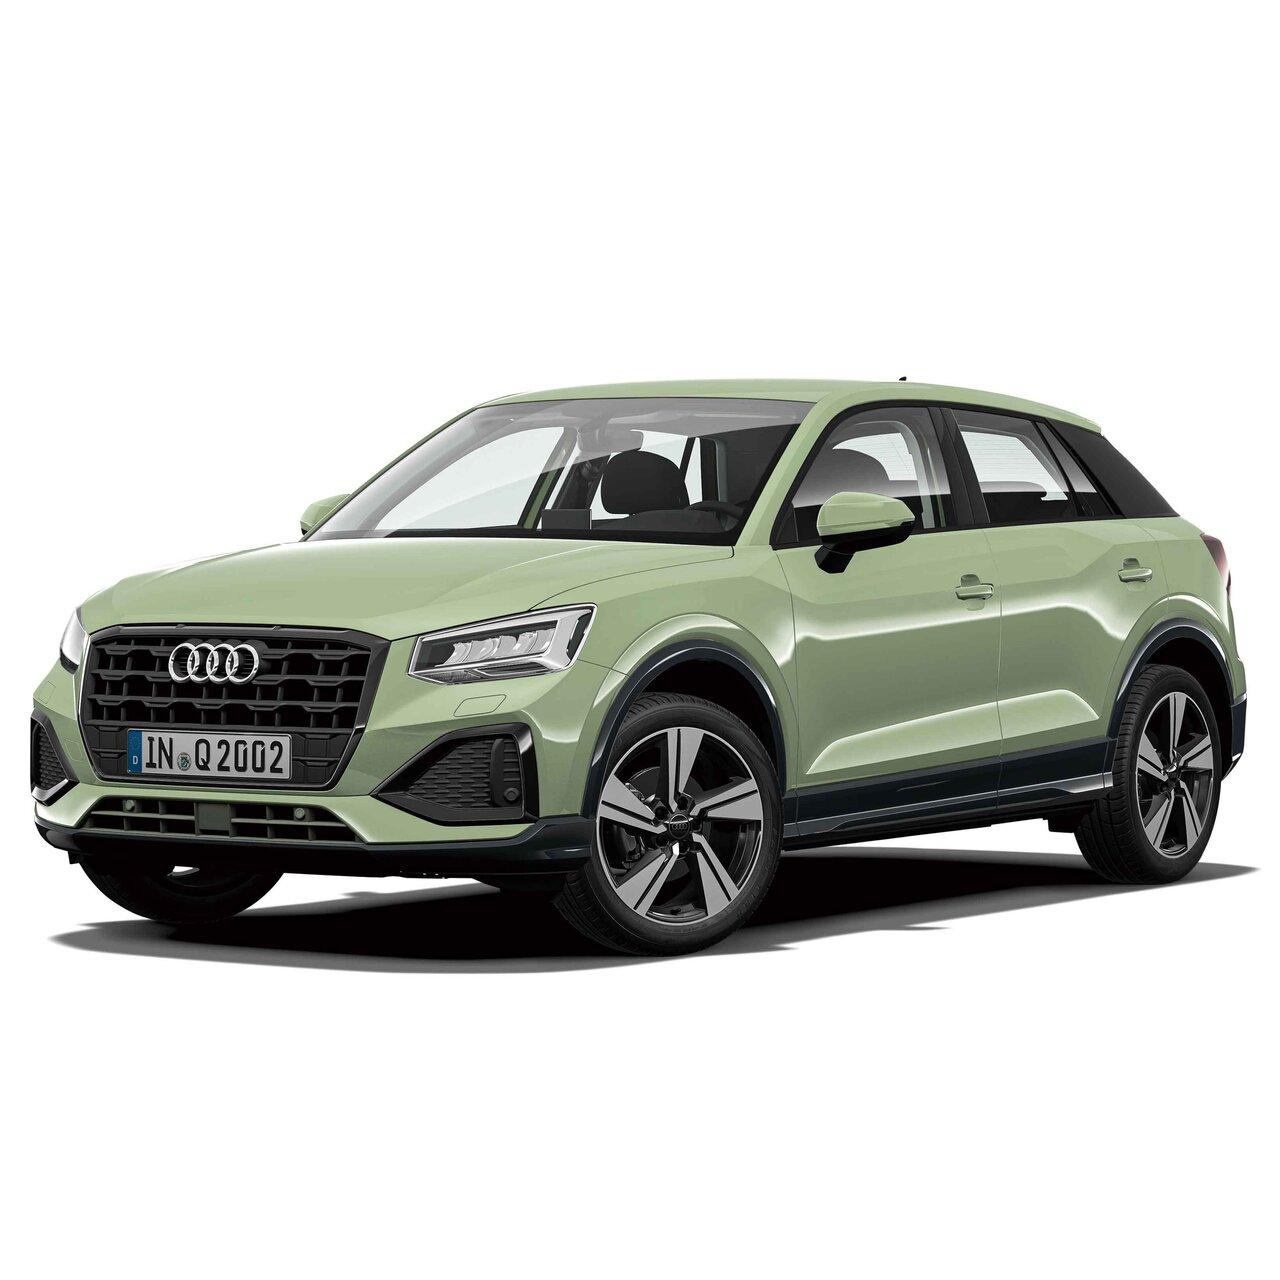 よりスポーティなデザインに──アウディQ2が初のビッグマイナーチェンジ|Audi